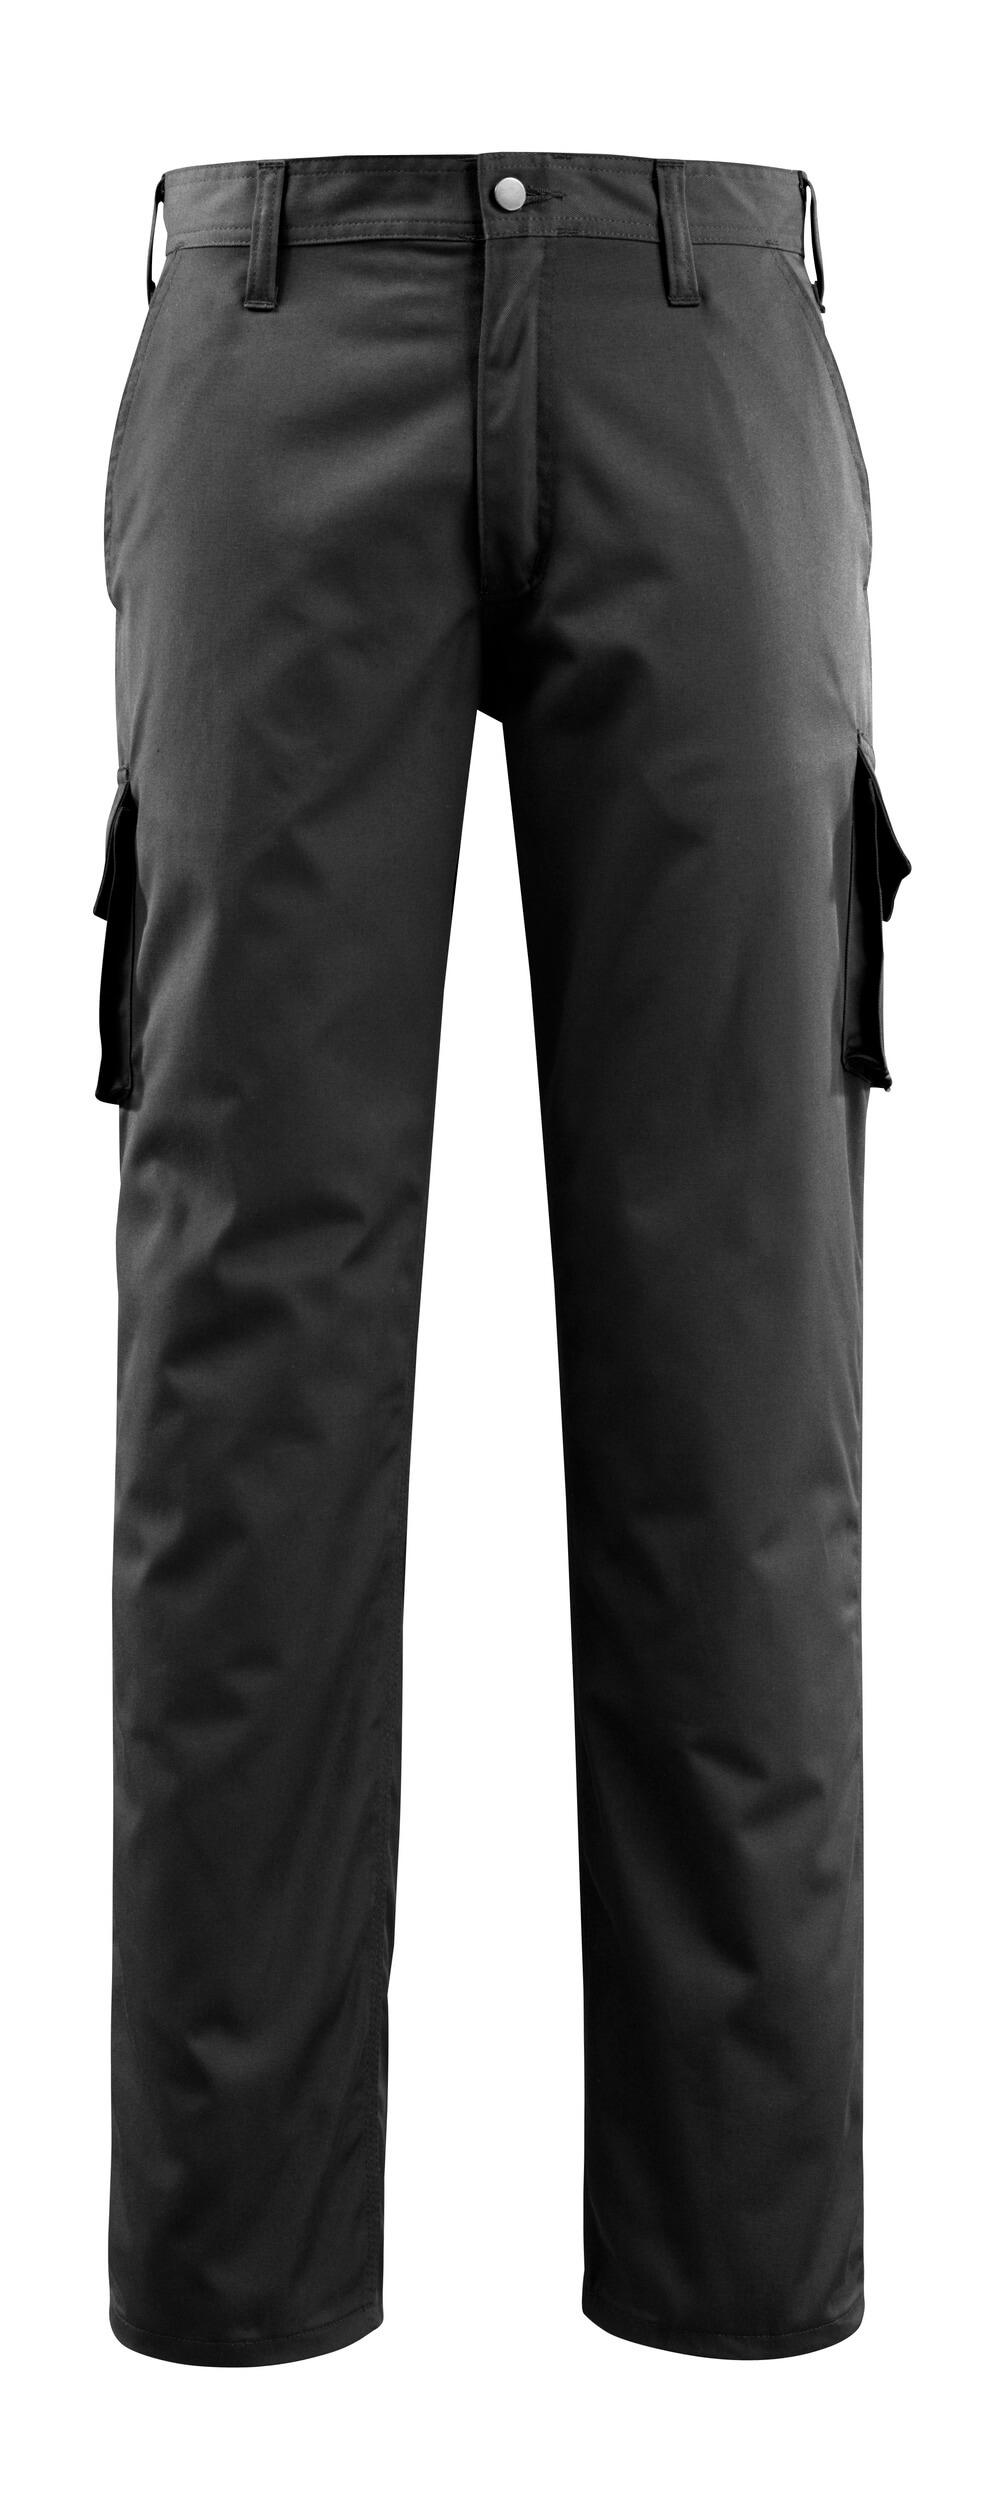 14779-850-09 Pantaloni con tasche sulle cosce - nero